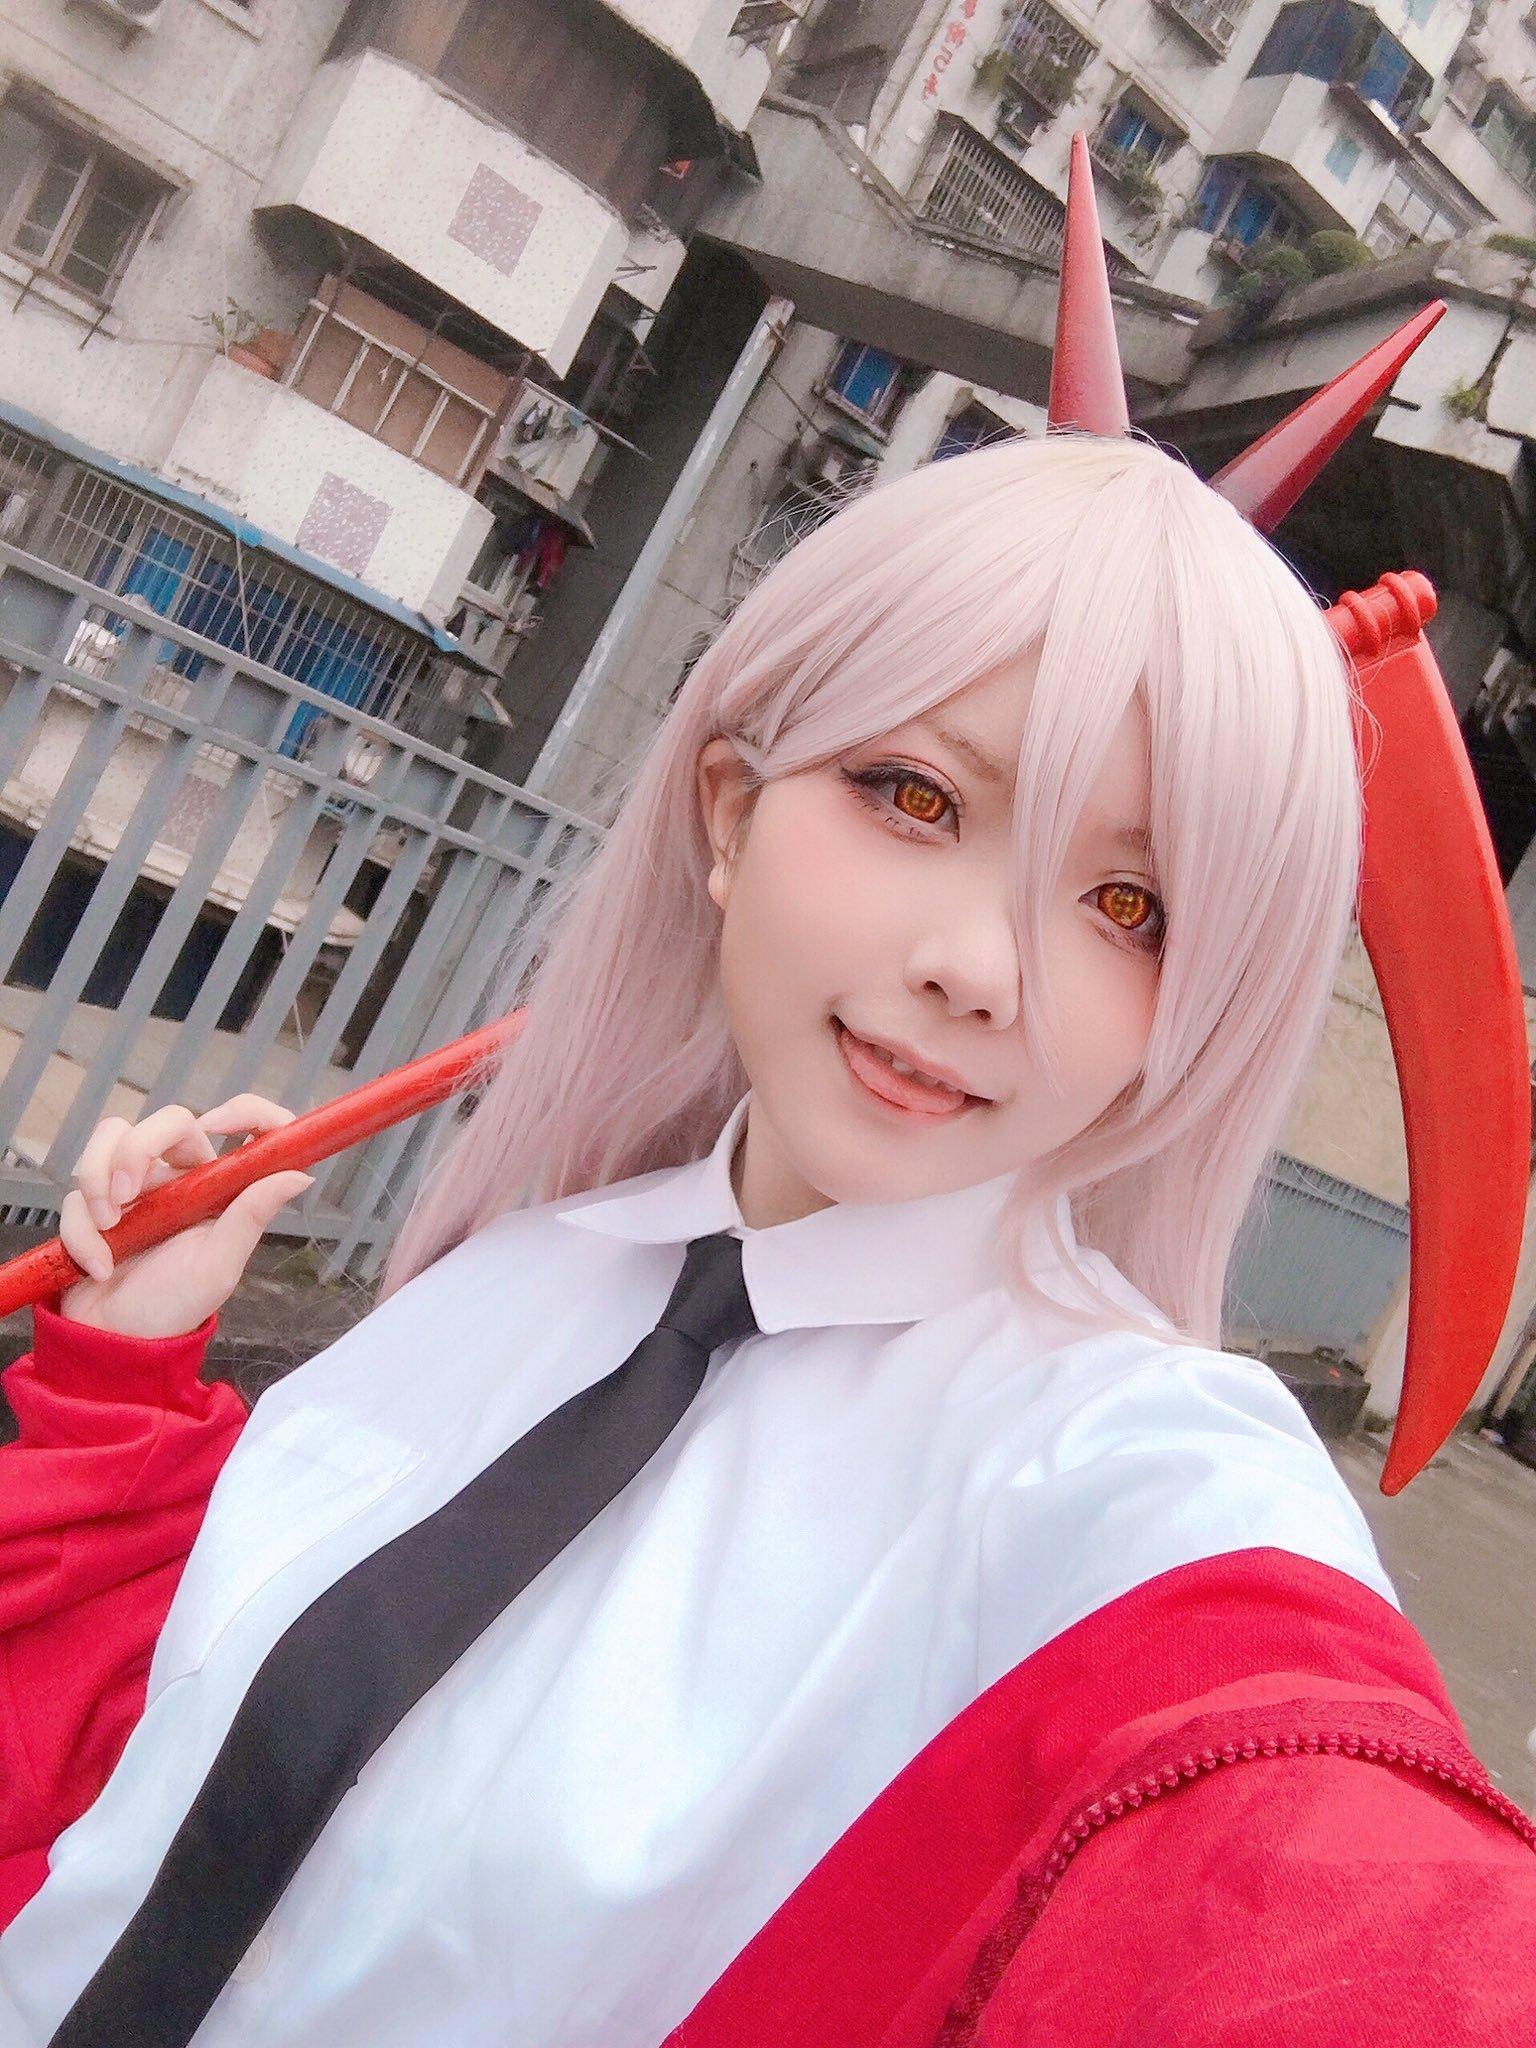 kuren_chan 1321782597140148226_p0